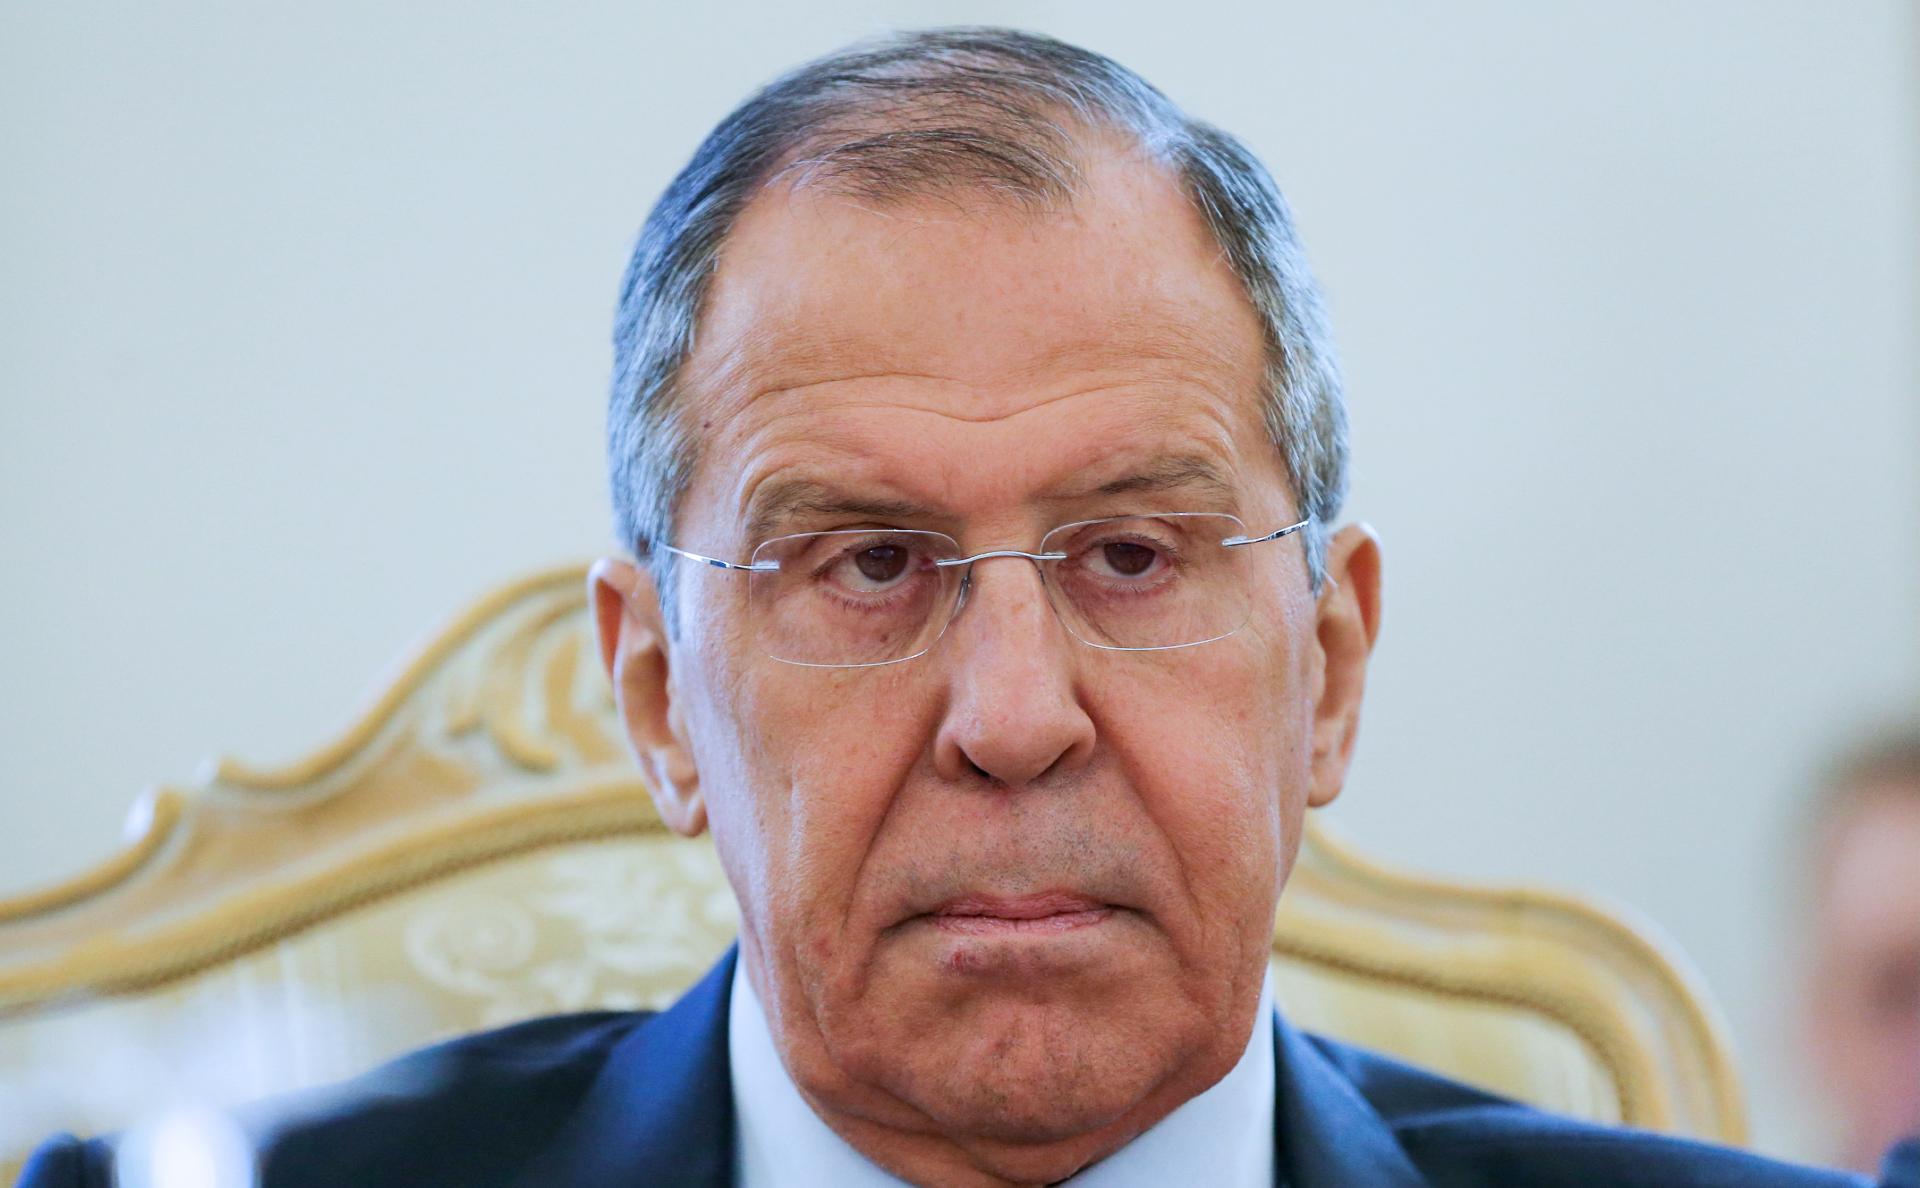 Лавров заявил, что причиной кризиса в Ливии стало вмешательство НАТО